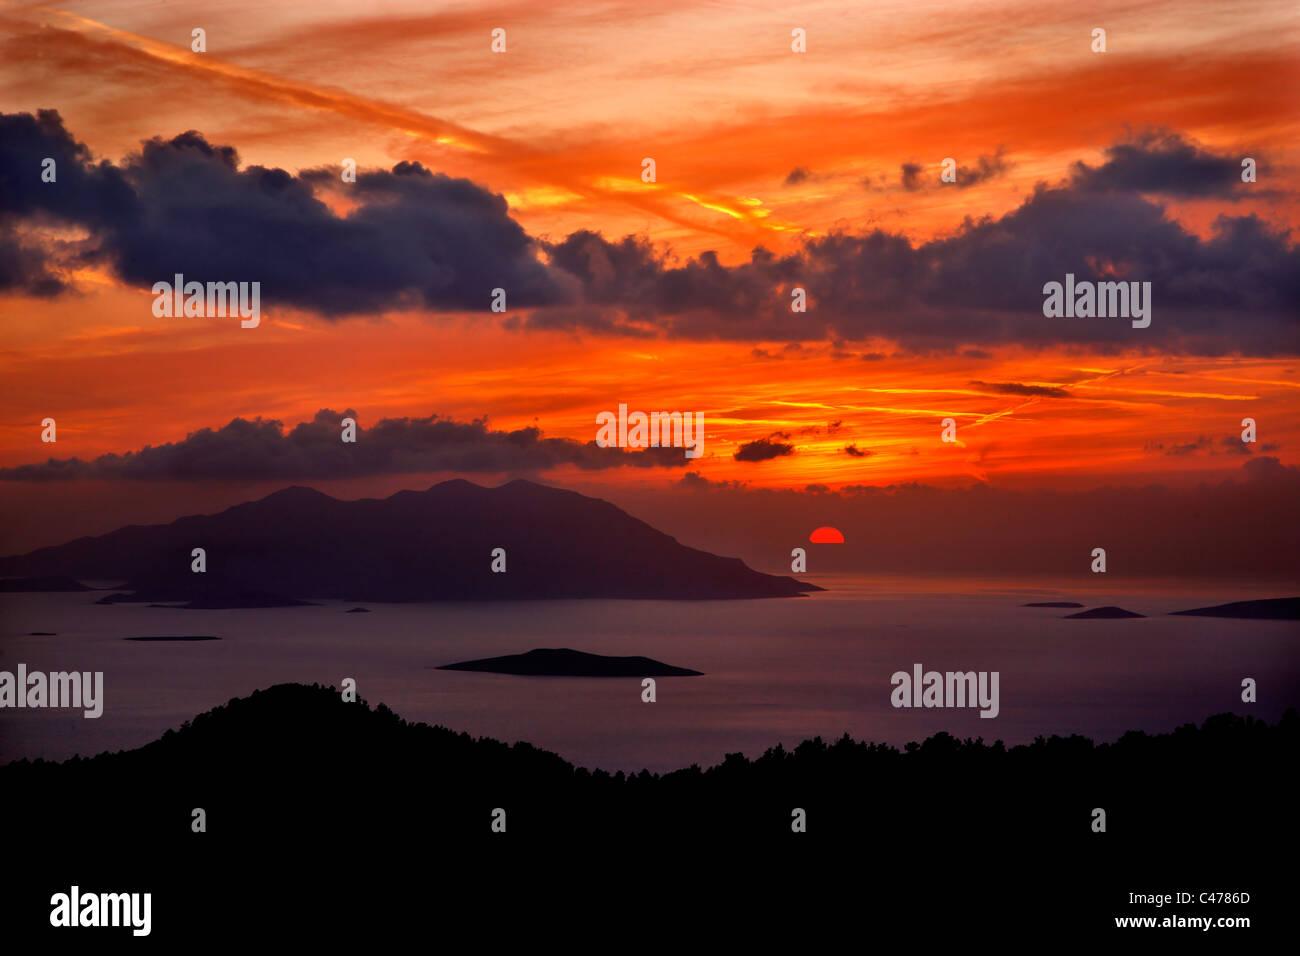 Coucher du soleil photo du sud-ouest de Rhodes, à proximité de Kritinia village. La grande île dans Photo Stock